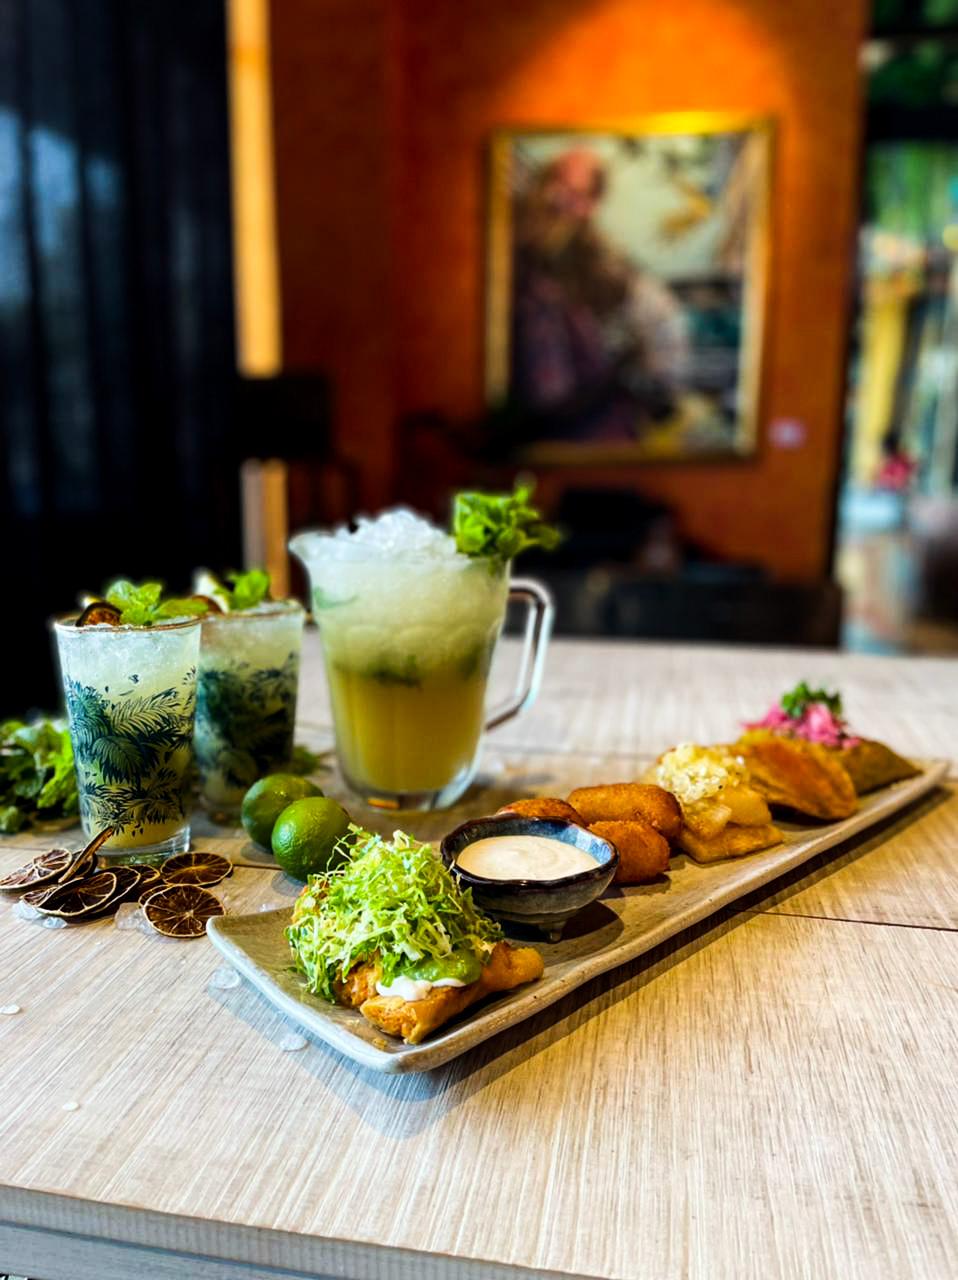 مطعم رومبا الكوبي ينظم أمسية Calle 8 كل أربعاء